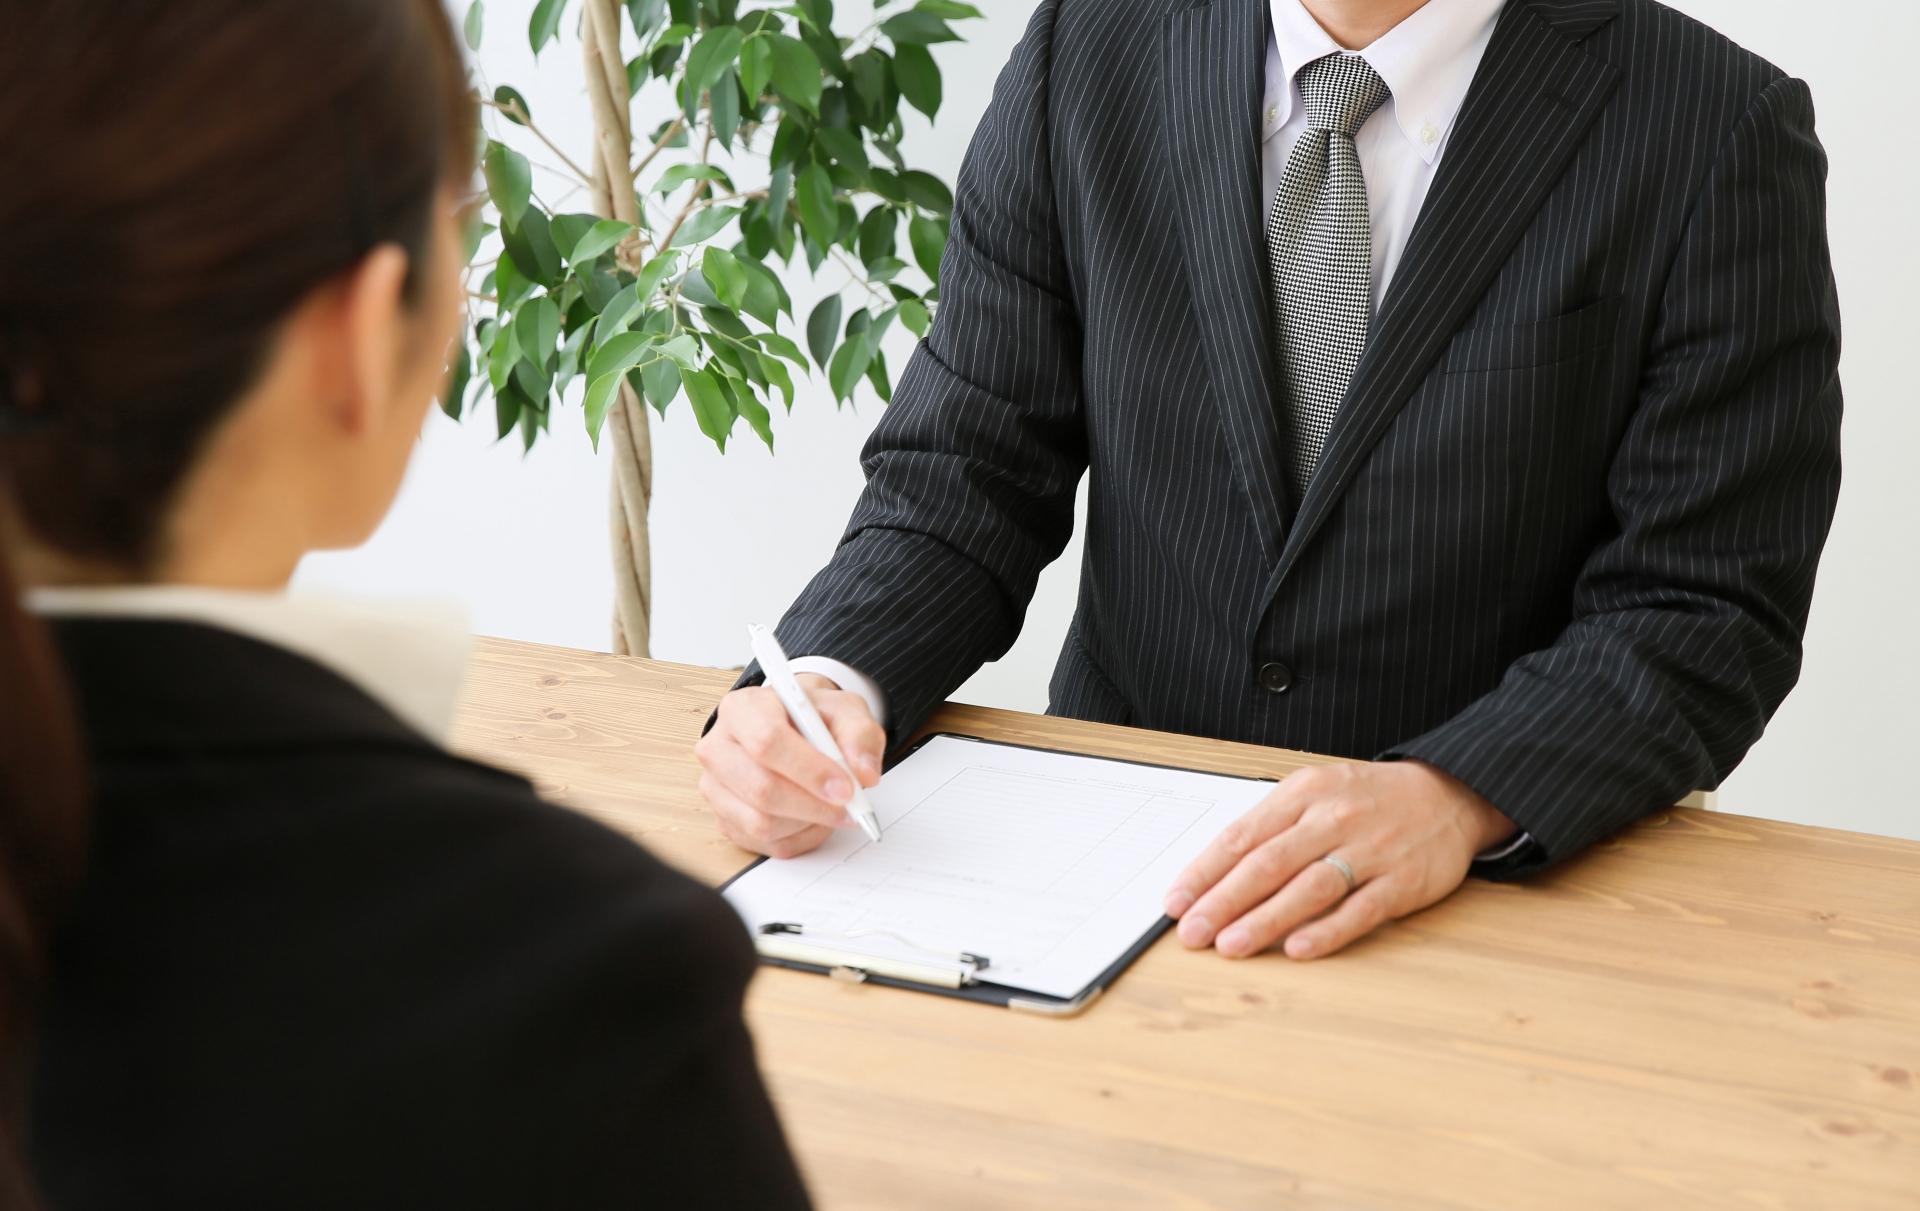 アルバイトの面接で合格率を上げるには?